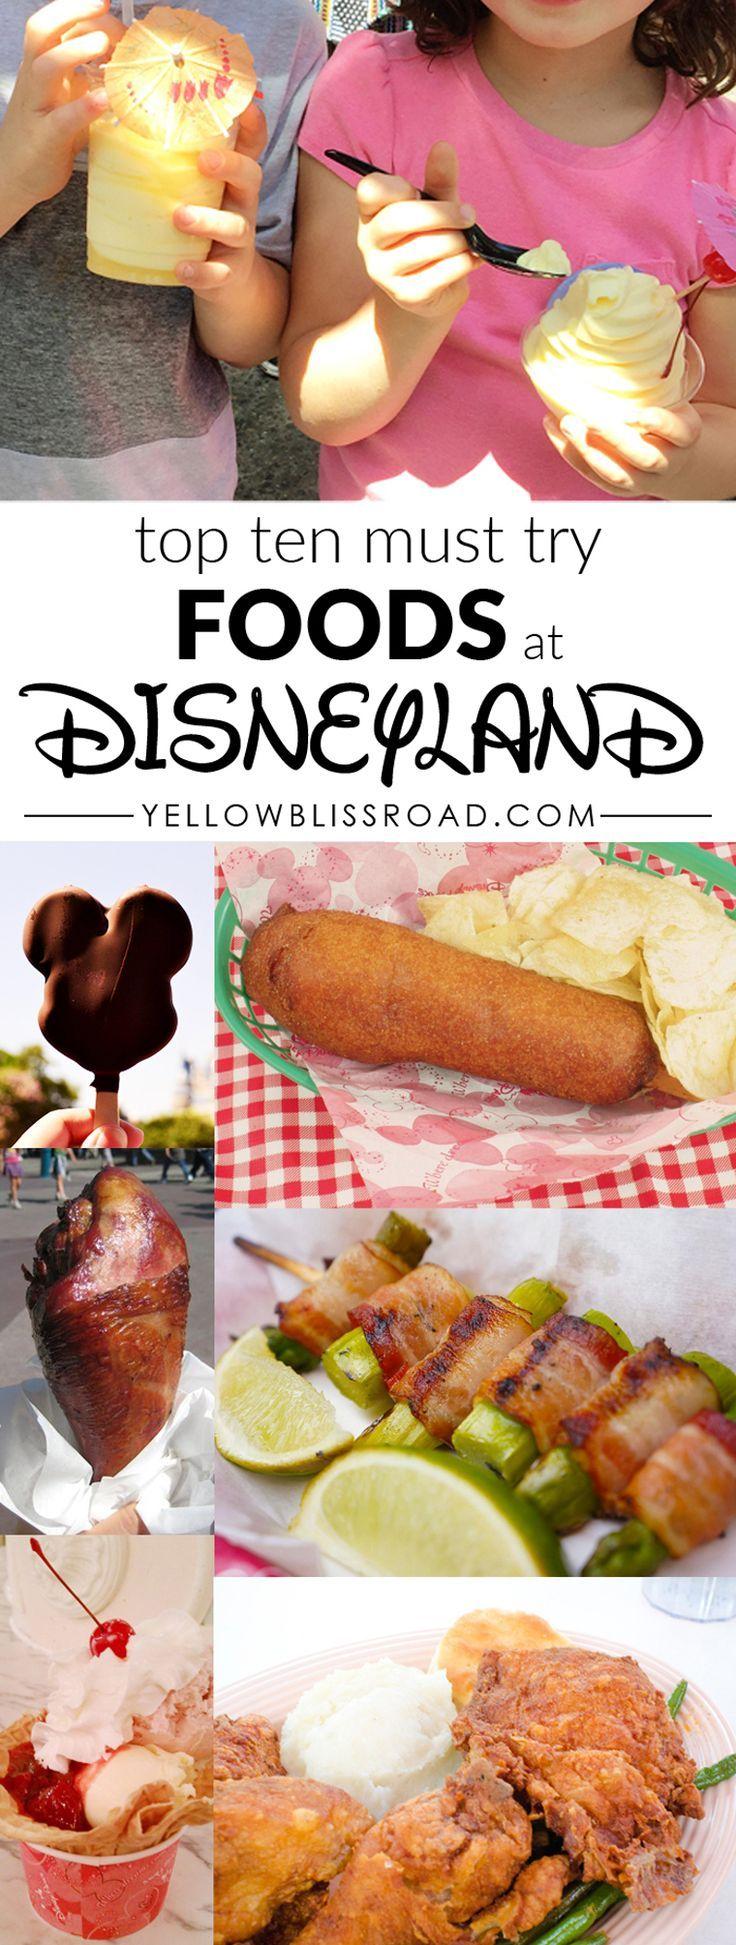 Top Ten Foods To Eat At Disneyland